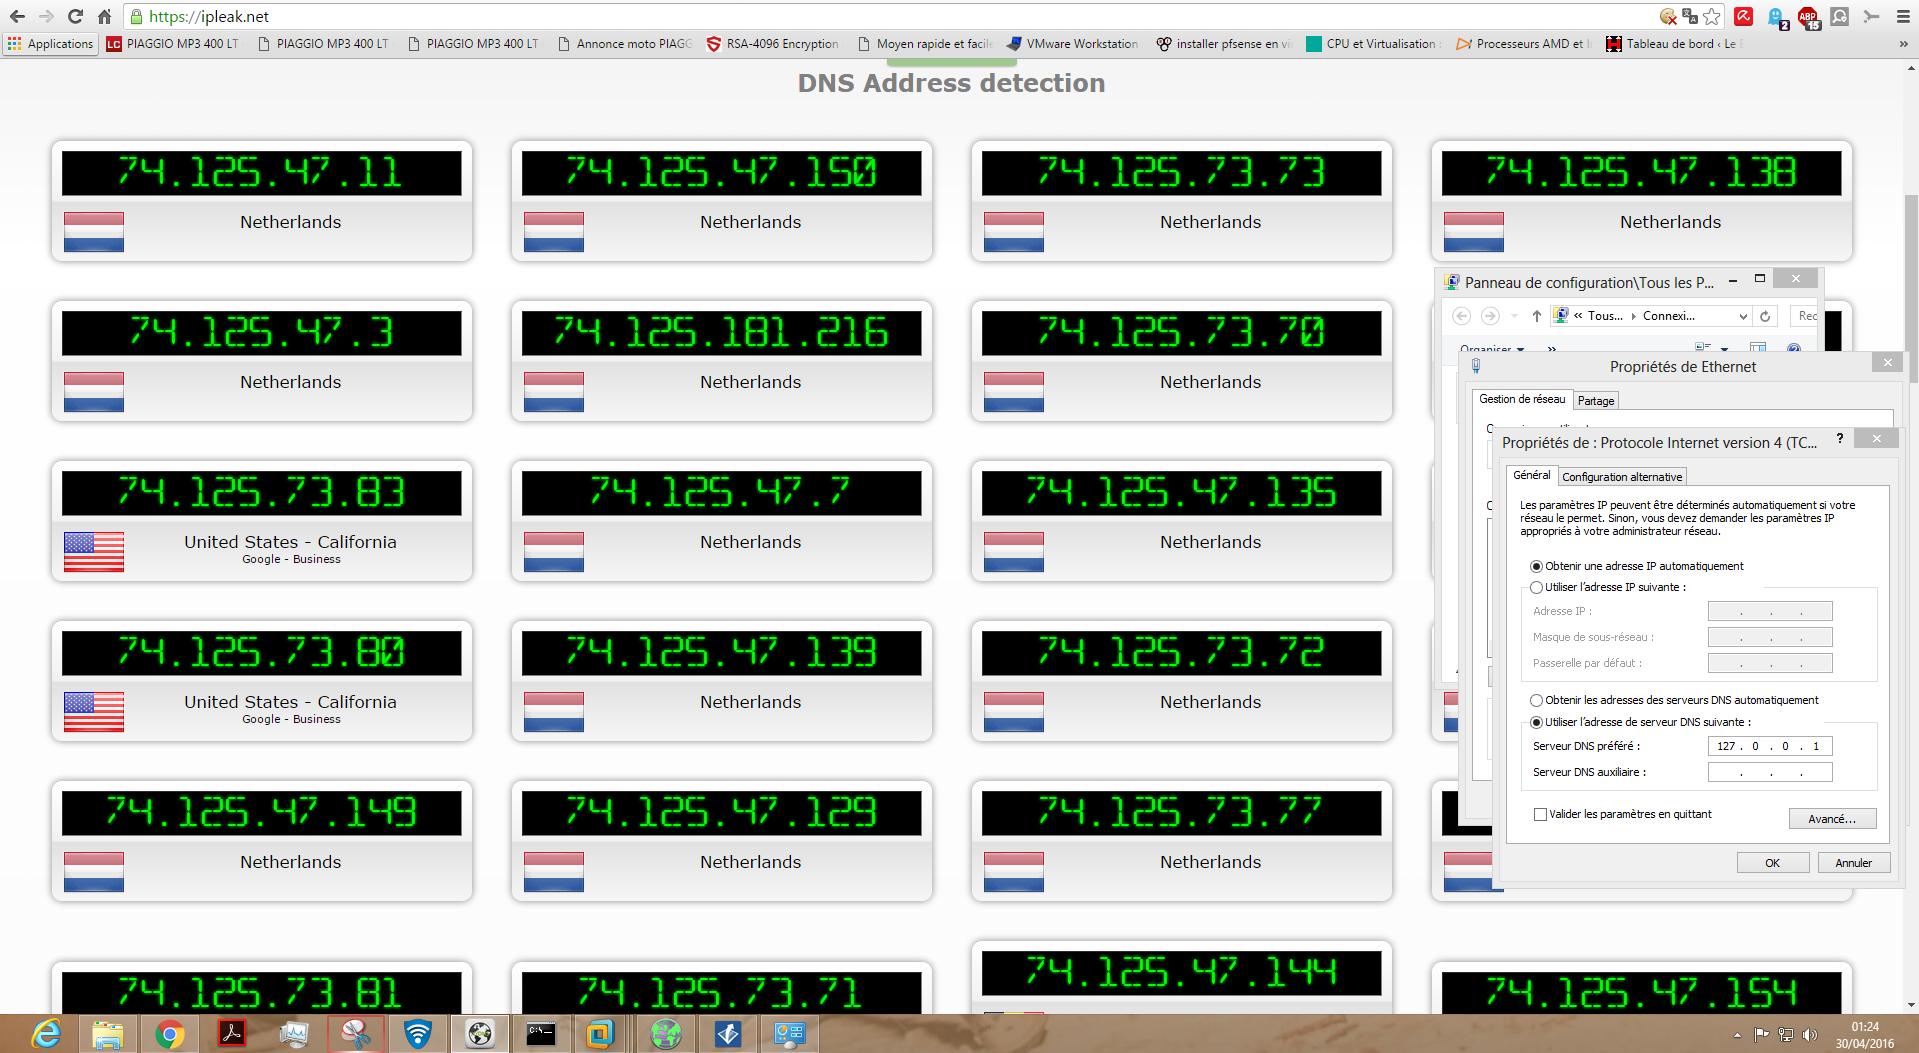 Image 48 vérification IPLEAK fuites DNS du serveur VPN